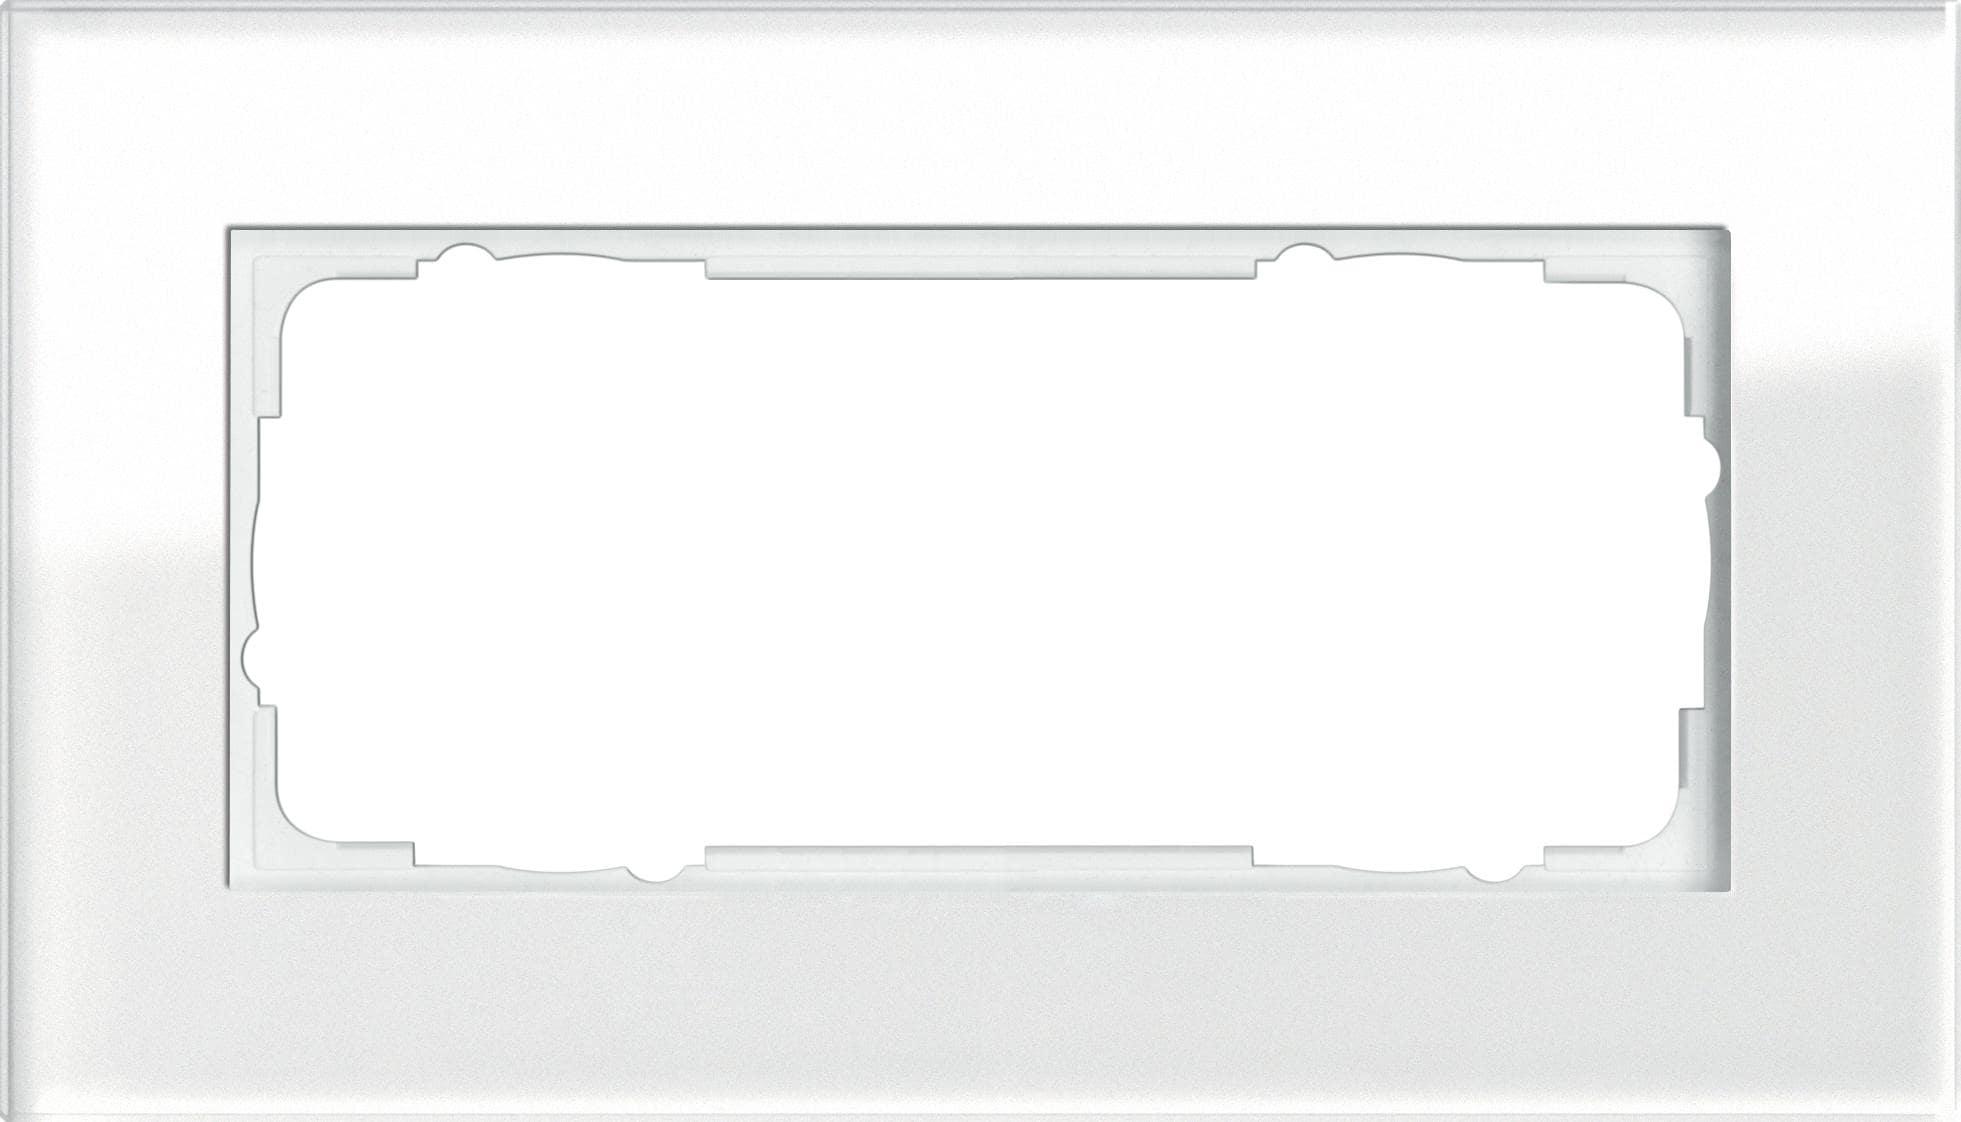 abdeckrahmen ohne mittelsteg 2fach glas wei system 55 esprit gira 100212 von gira bei. Black Bedroom Furniture Sets. Home Design Ideas